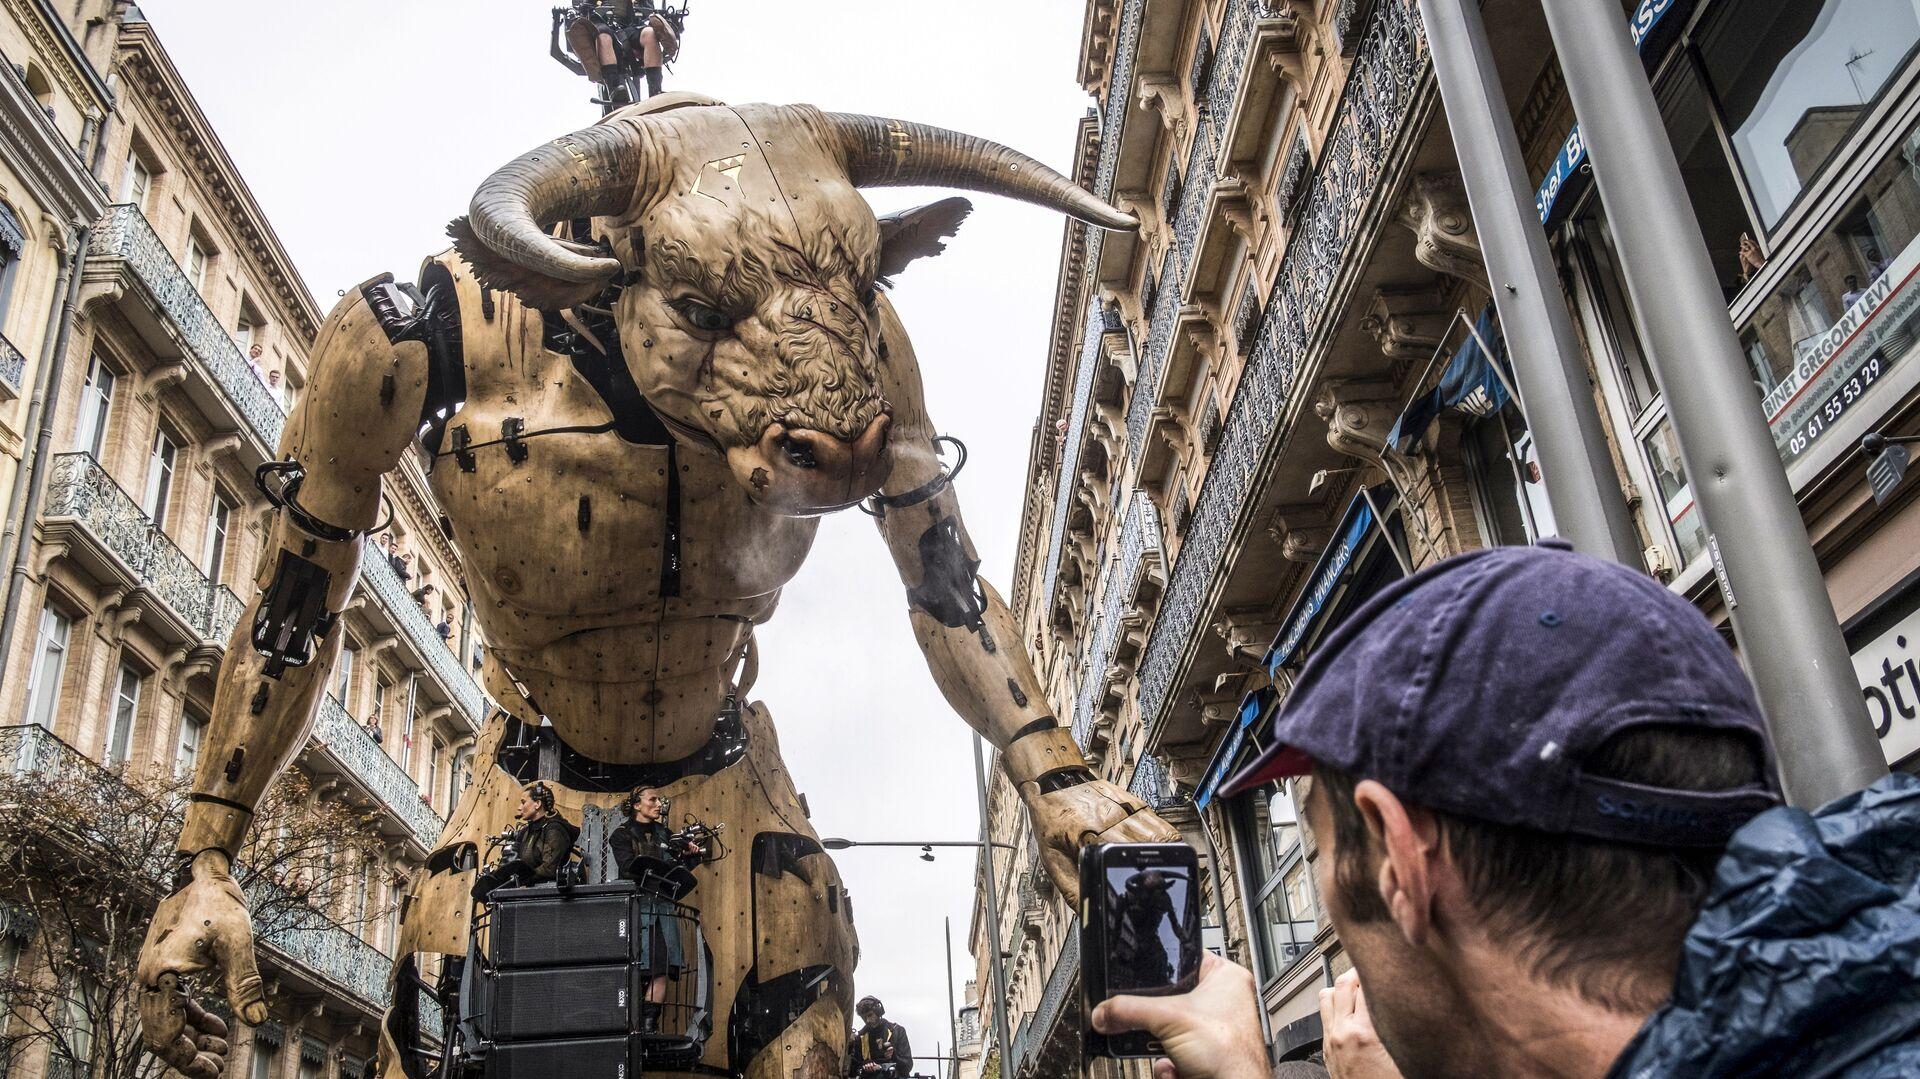 15-метровый Минотавр на улице Тулузы в рамках масштабной выставки - РИА Новости, 1920, 23.03.2020